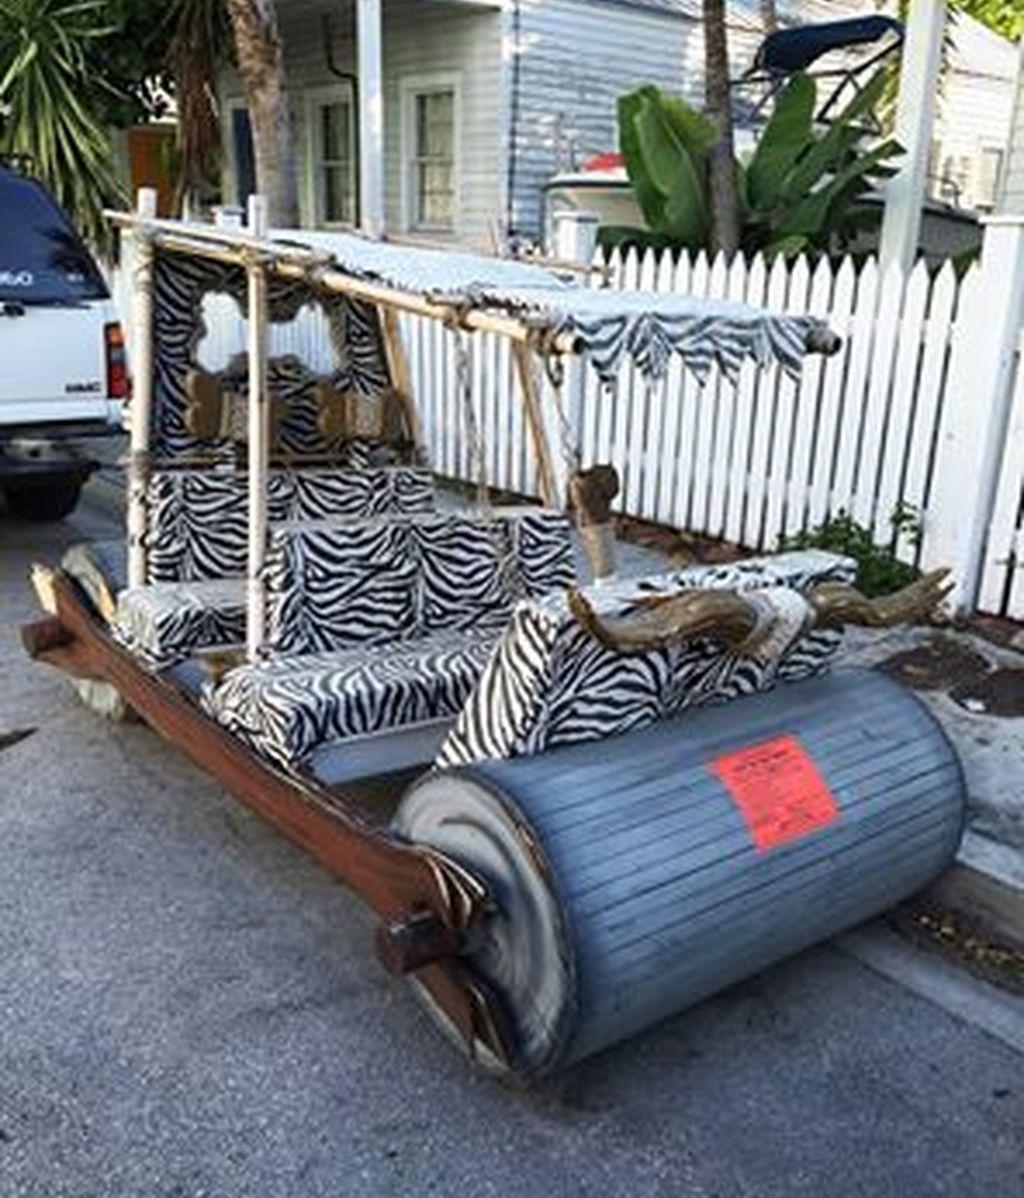 El coche de los Picapiedra mal aparcado